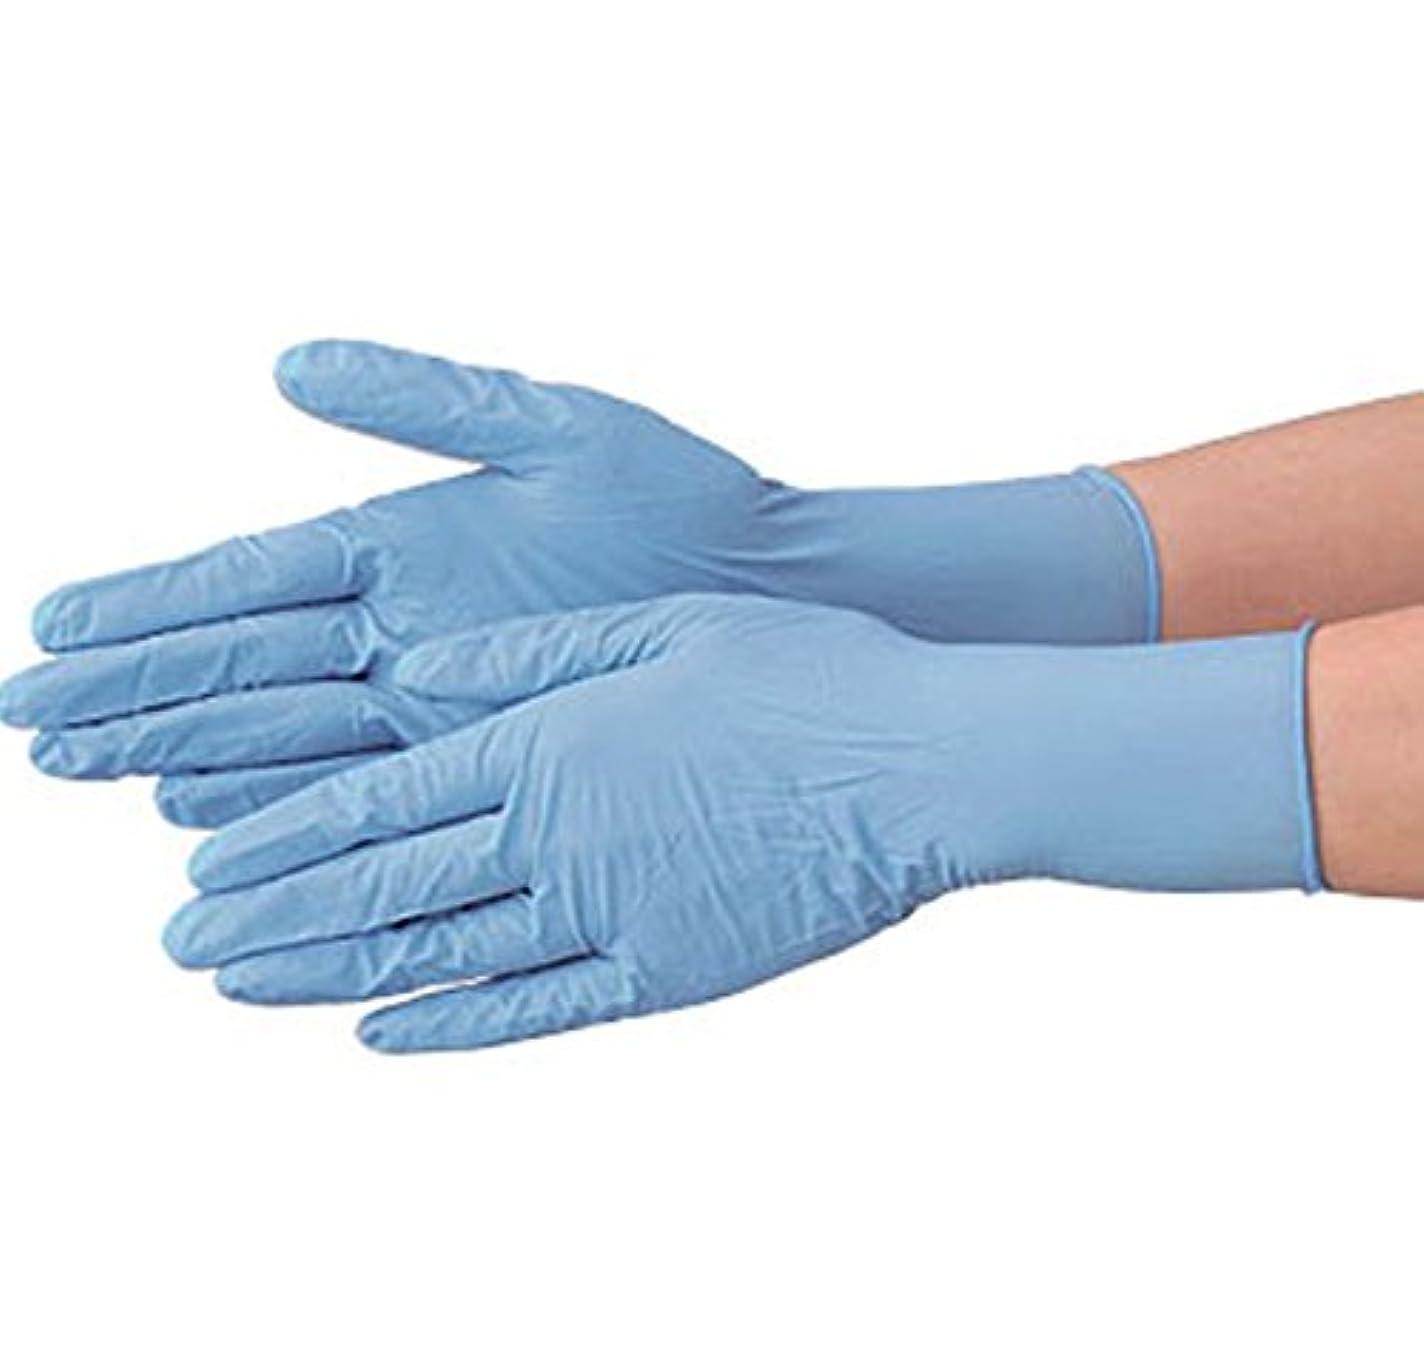 クリップ蝶大使館狭い使い捨て 手袋 エブノ 520 ニトリル 極薄手袋 パウダーフリー ブルー Lサイズ 2ケース(100枚×40箱)